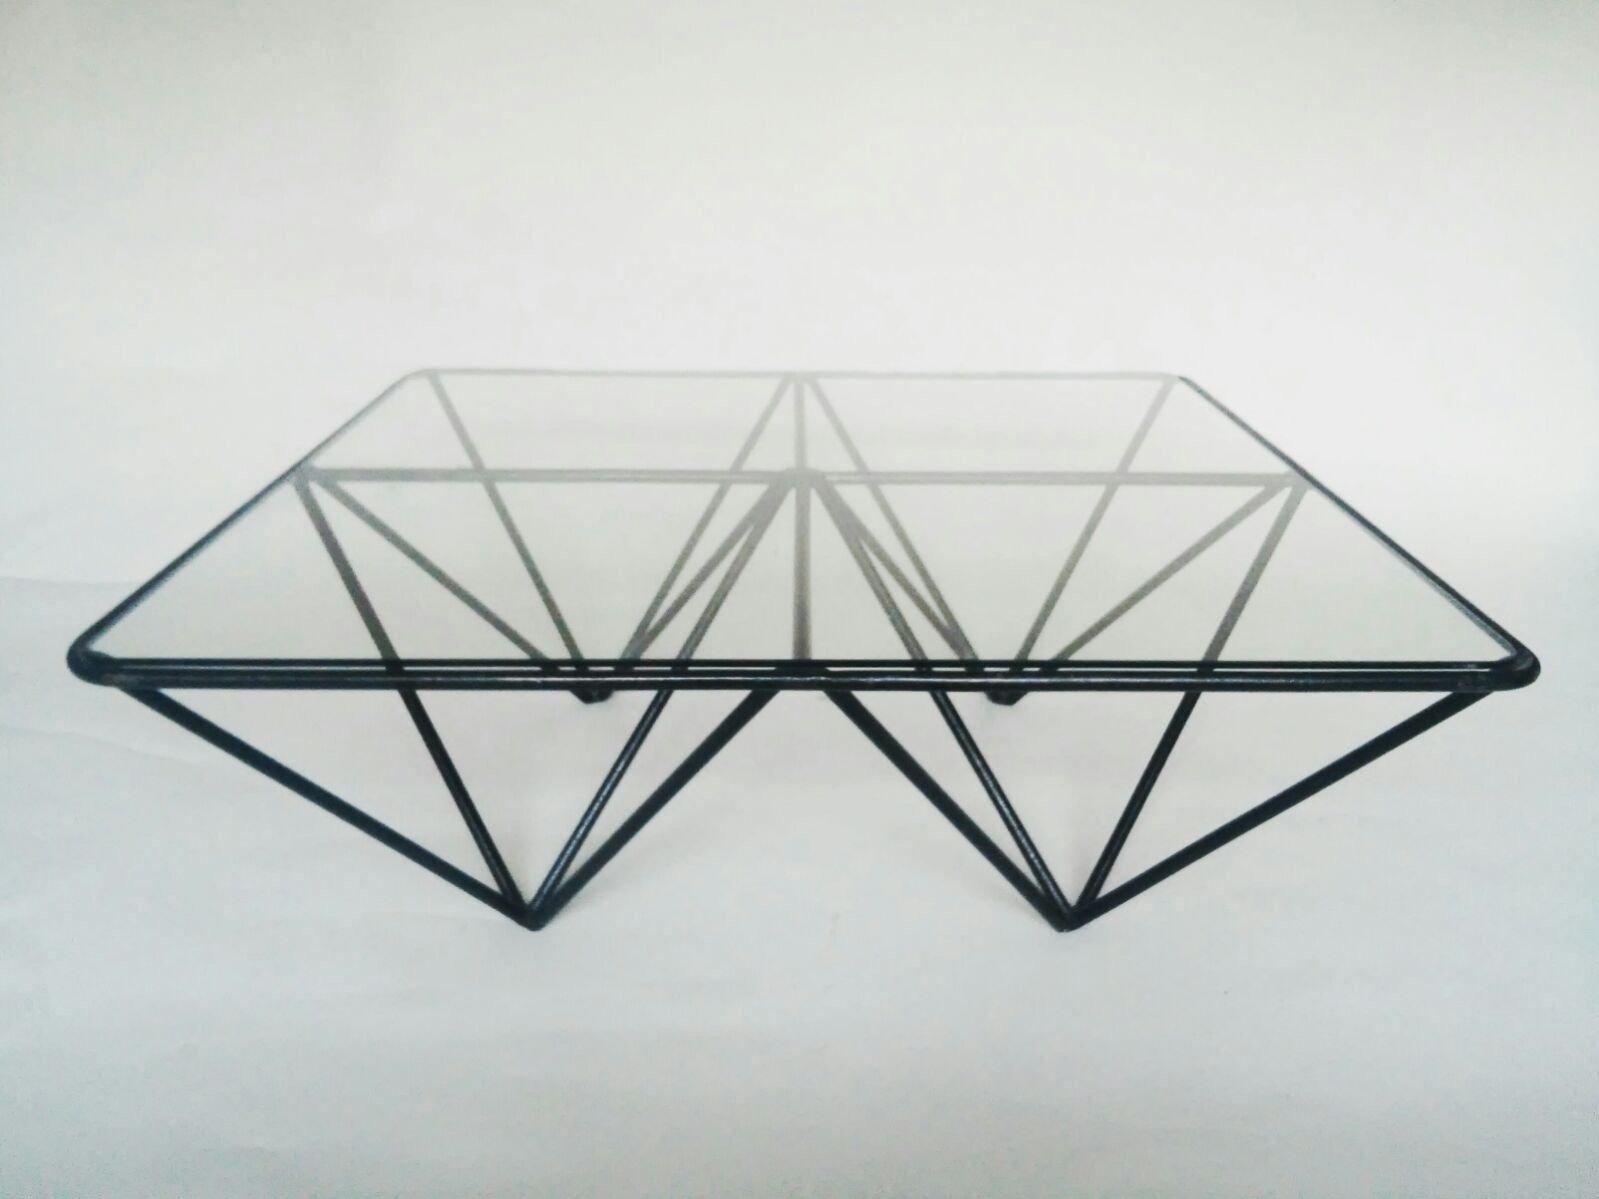 Grande table basse vintage en fer et verre italie 1980s for Grande table en verre